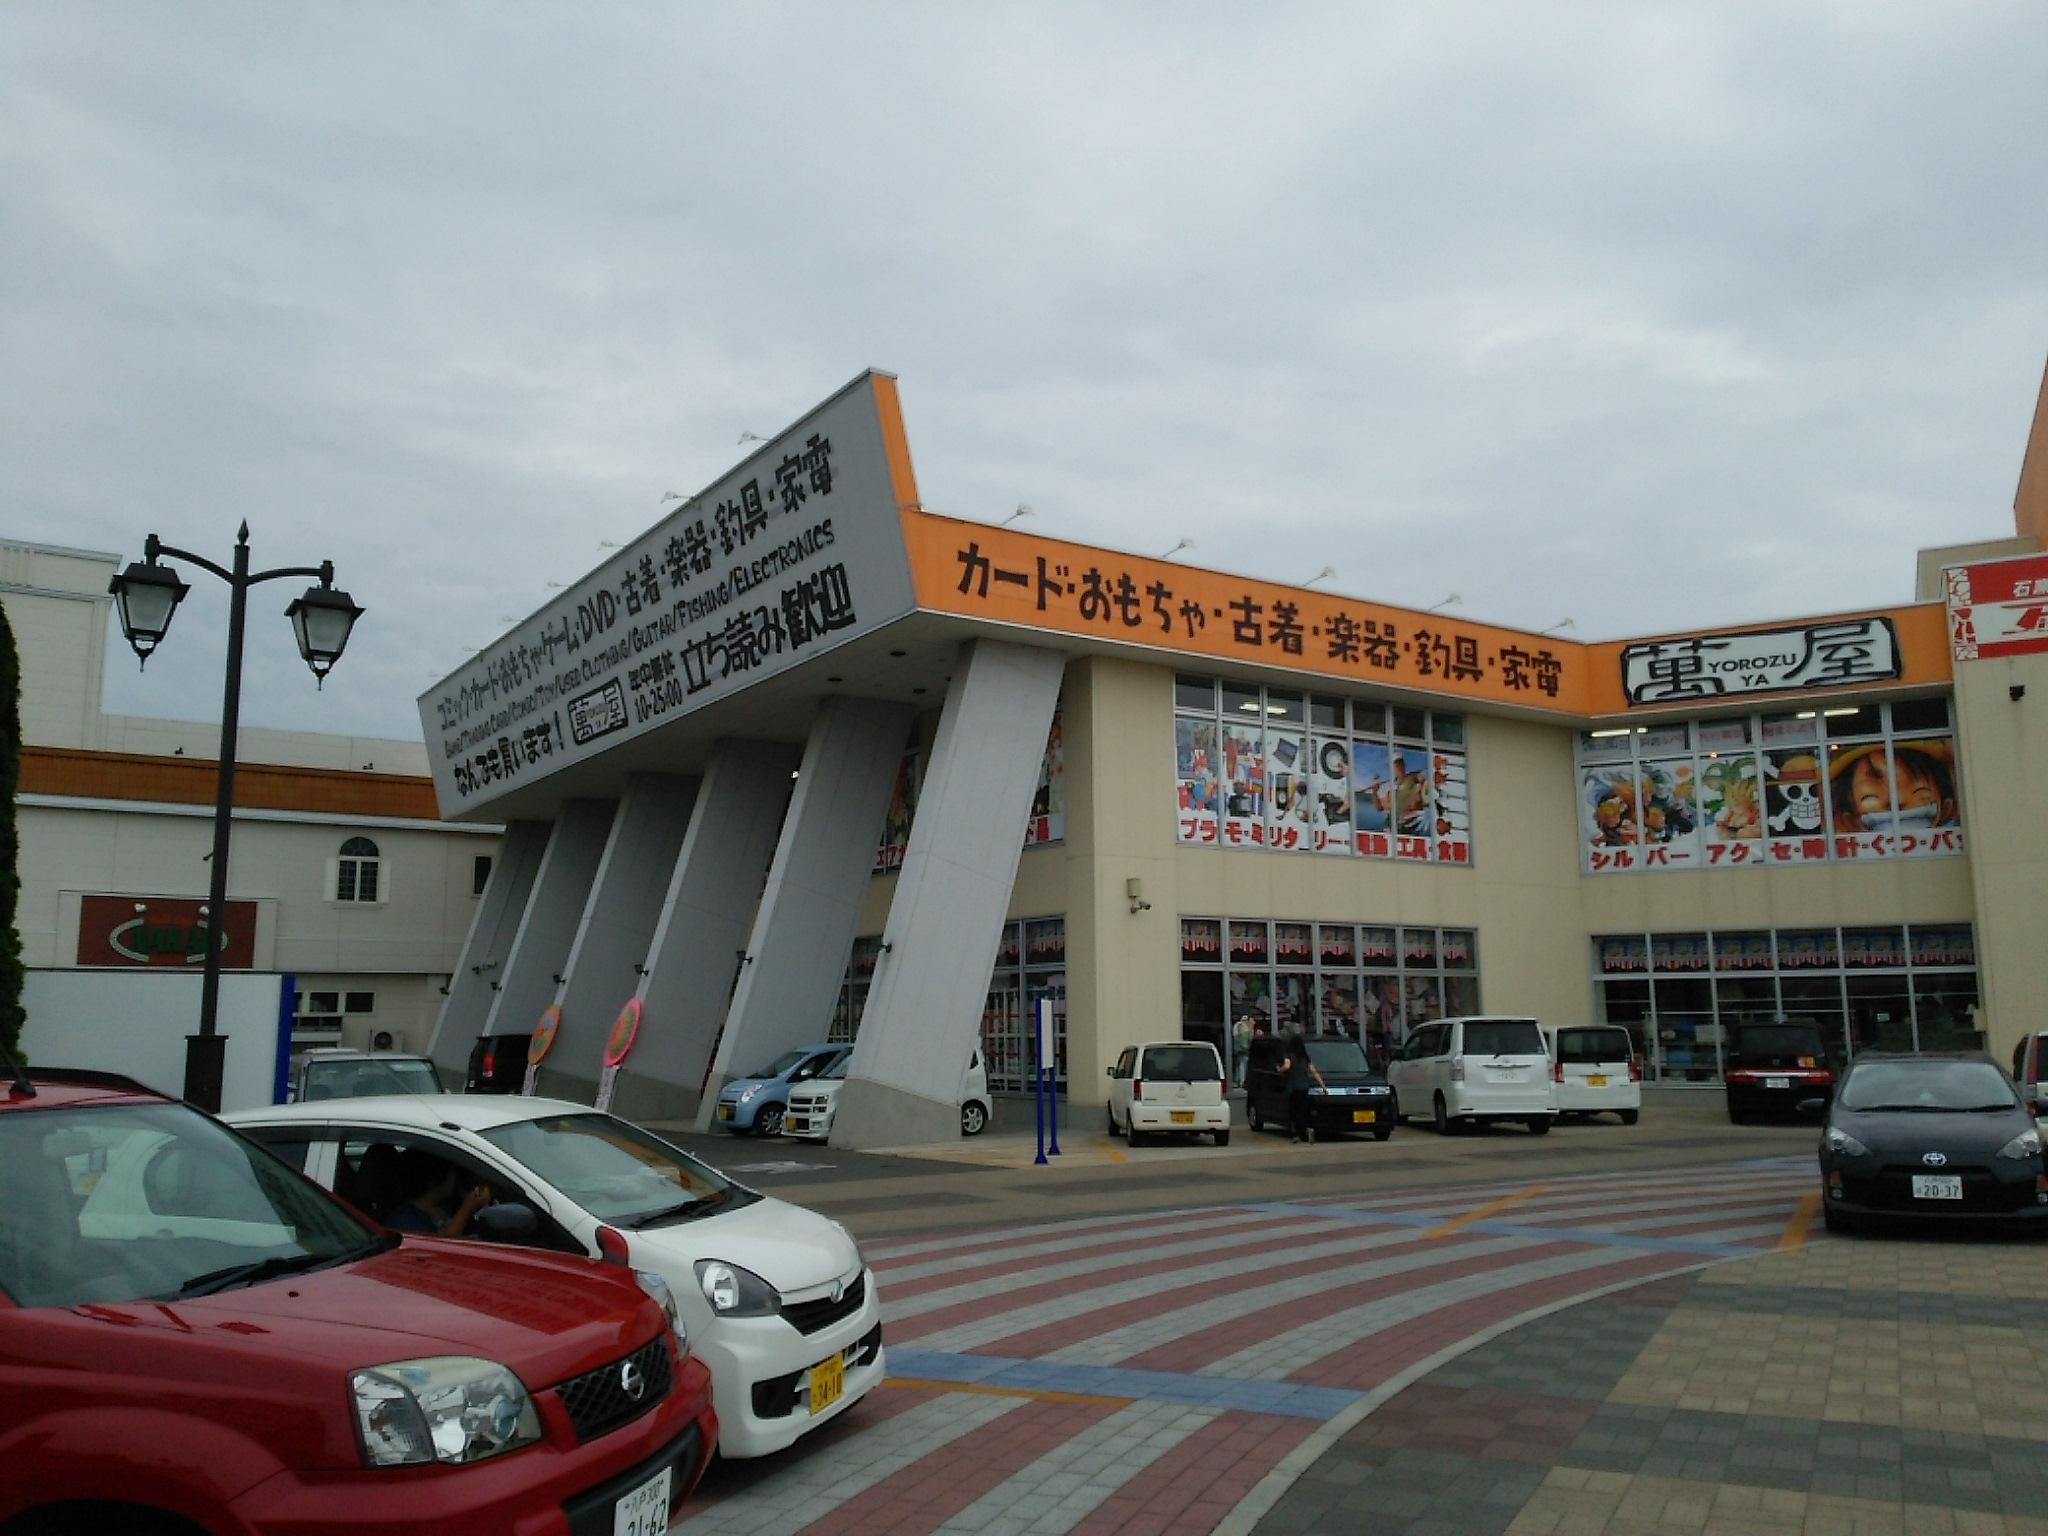 三沢市街パシャ写真『三沢に萬屋がキターーー!】